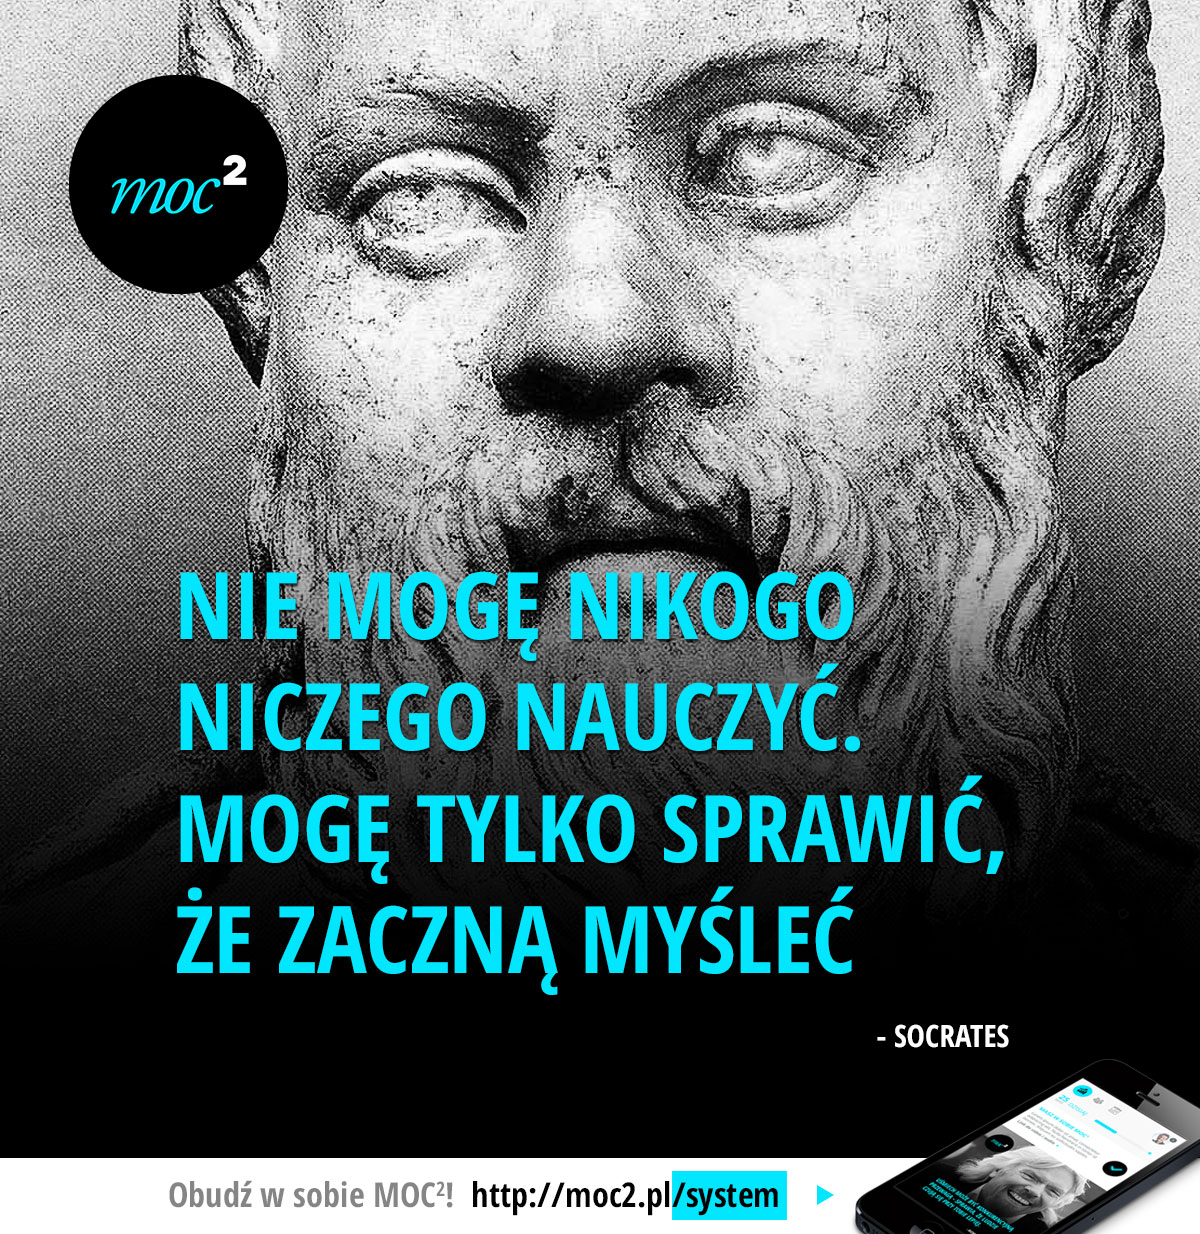 Nie mogę nikogo niczego nauczyć. Mogę tylko sprawić, że zaczną myśleć. - Socrates